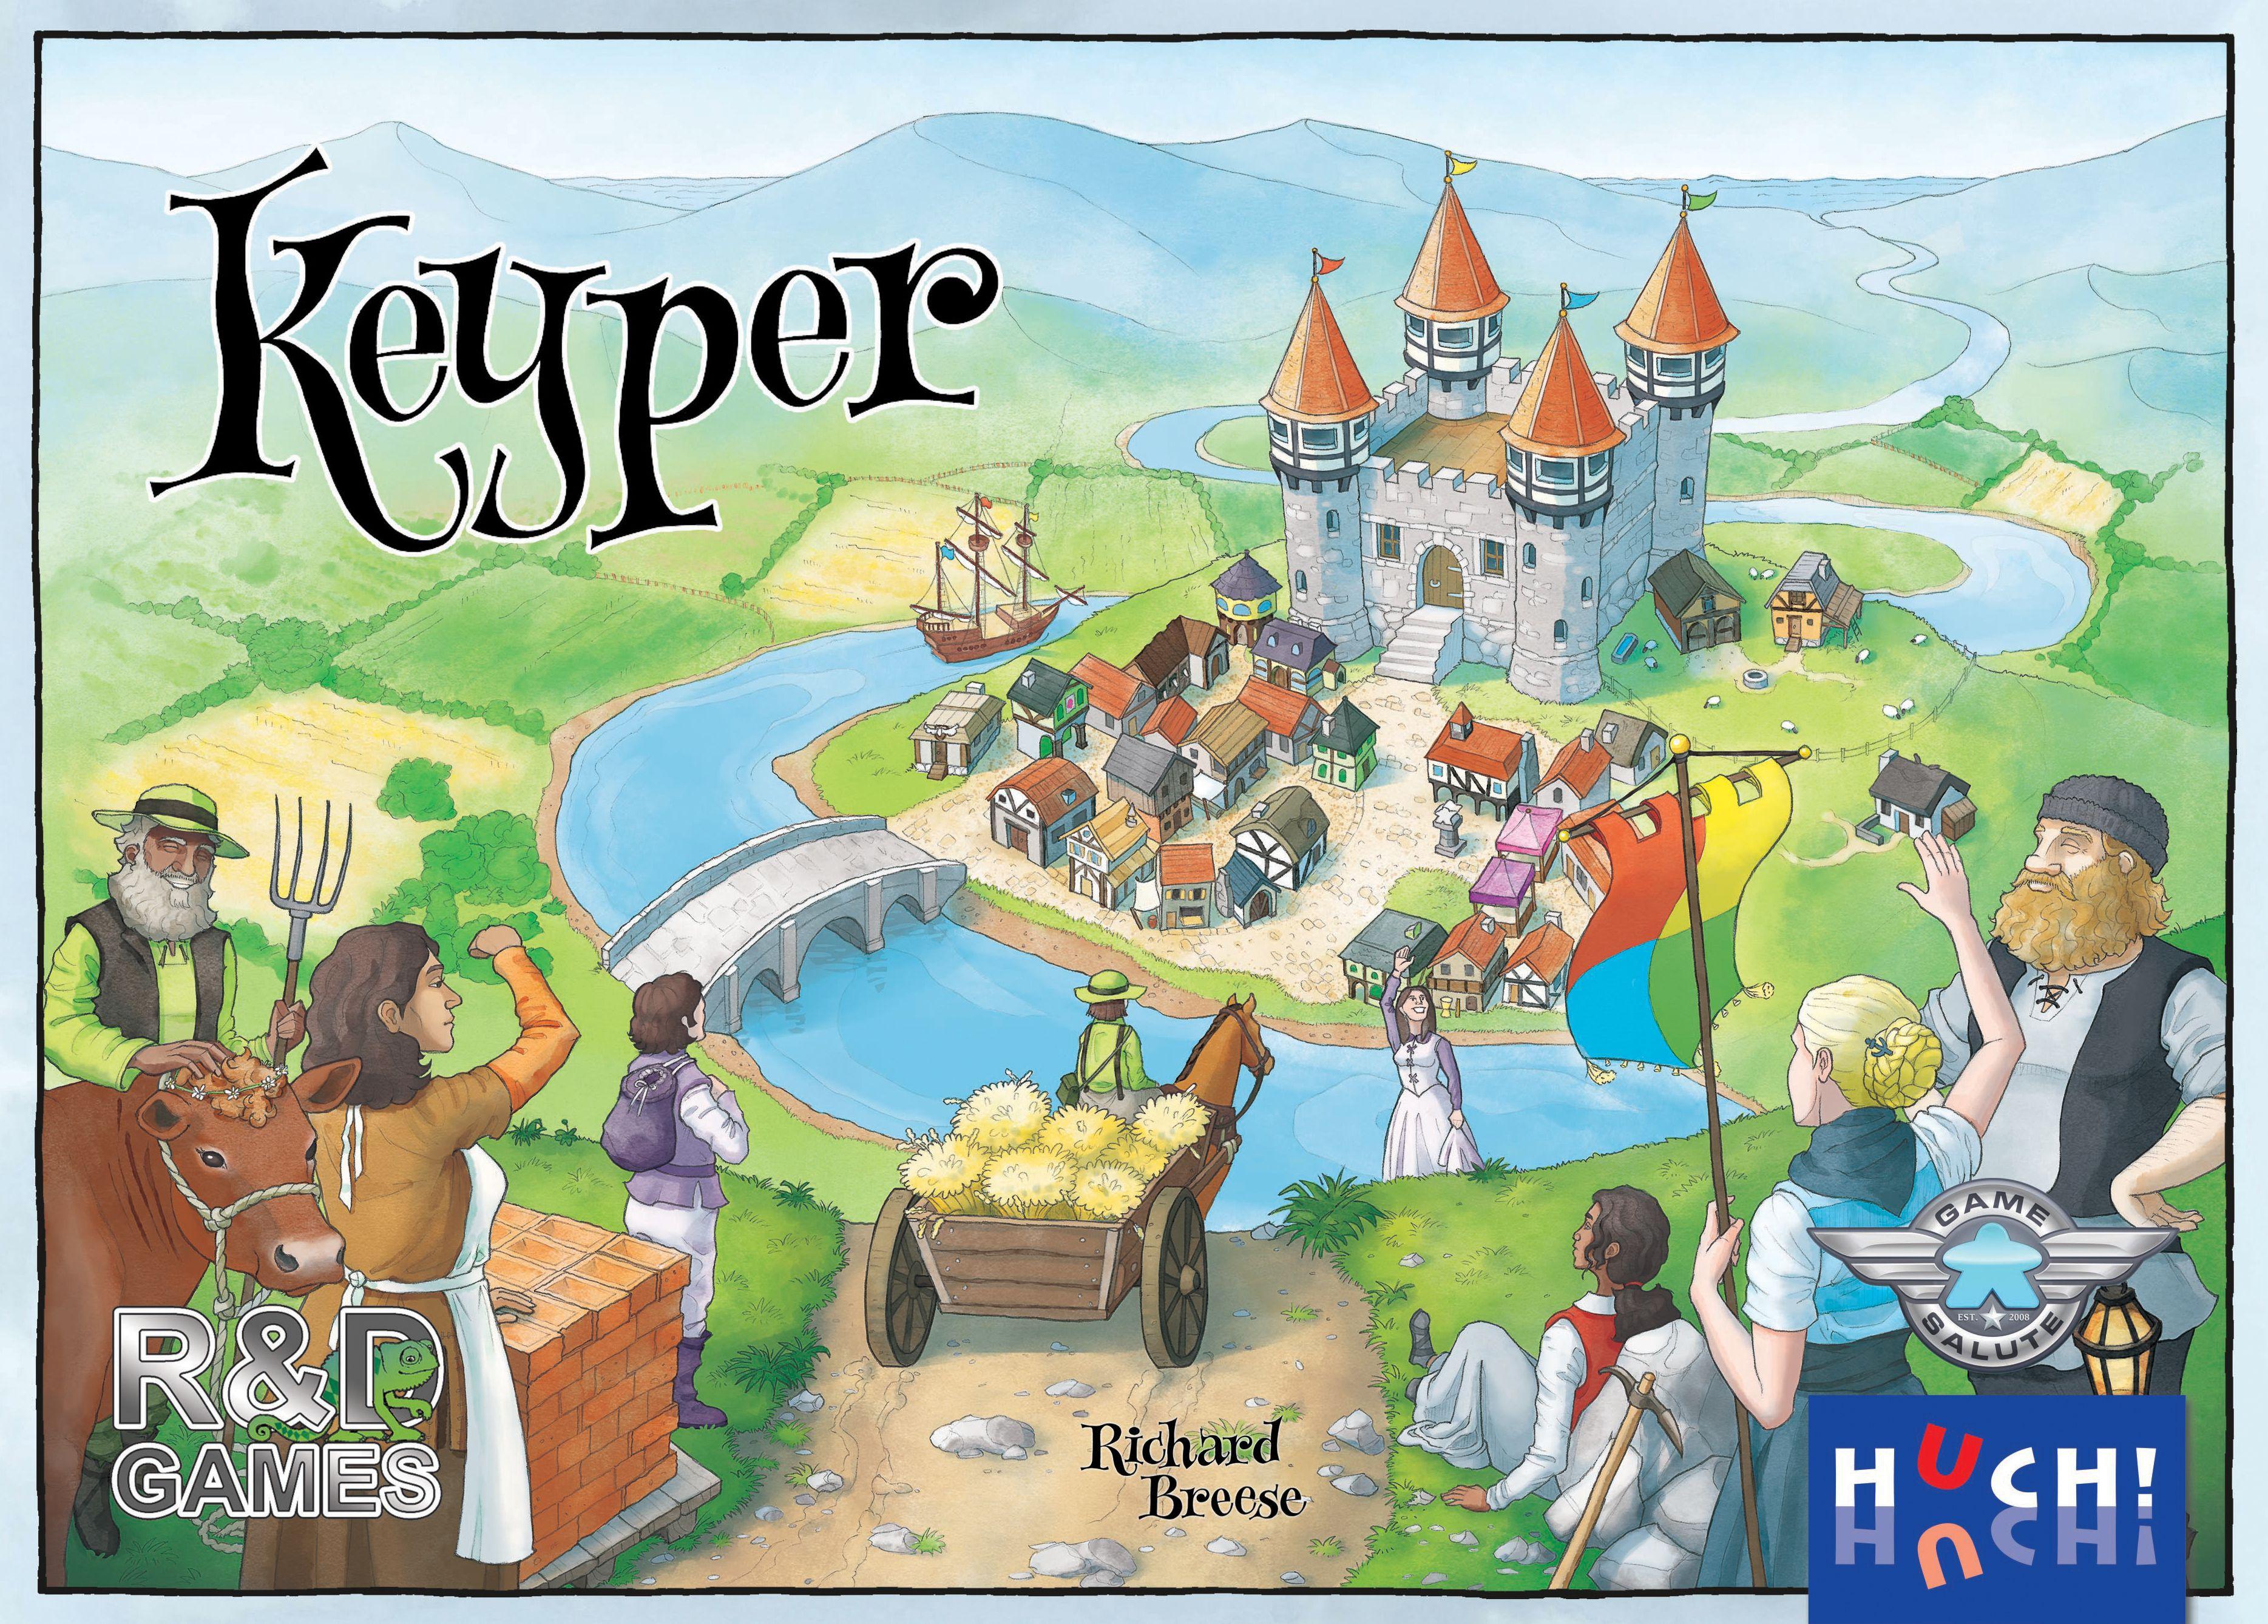 1fbdd13f9 Comprar Keyper al mejor precio - Comparador de precios de juegos -  Muevecubos.com